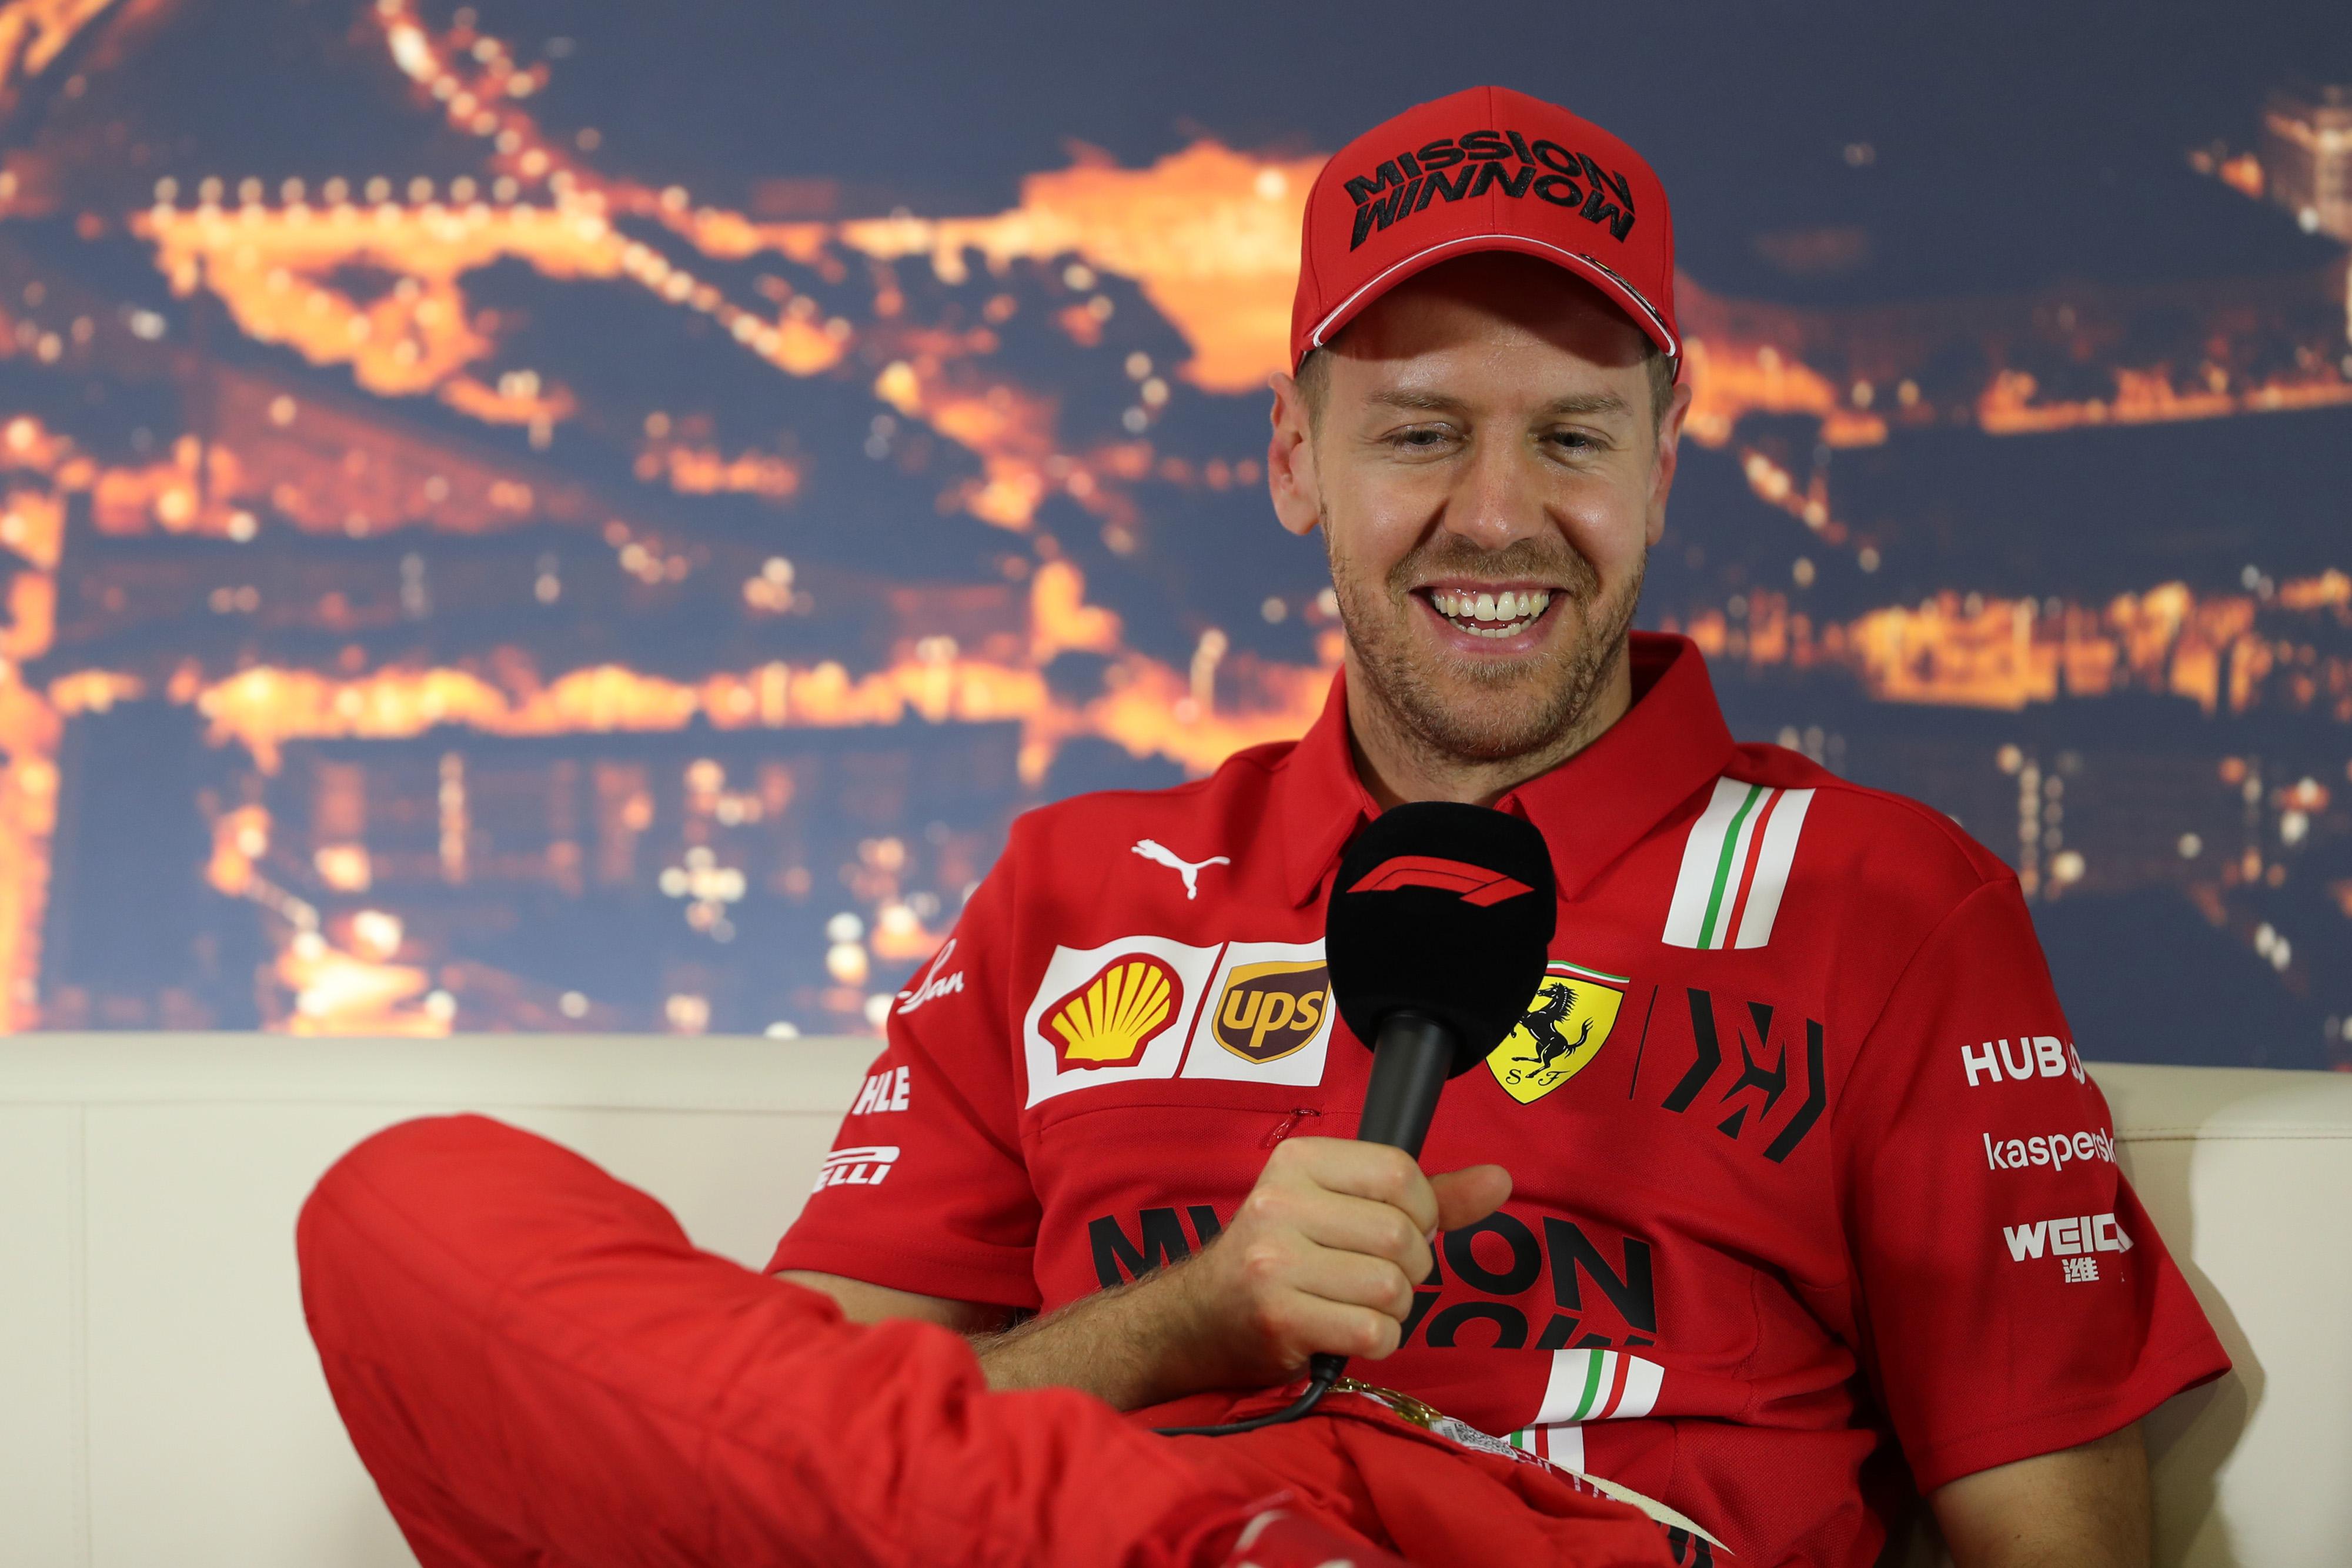 F1 Formula 1 Sebastian Vettel Ferrari CONTRACT